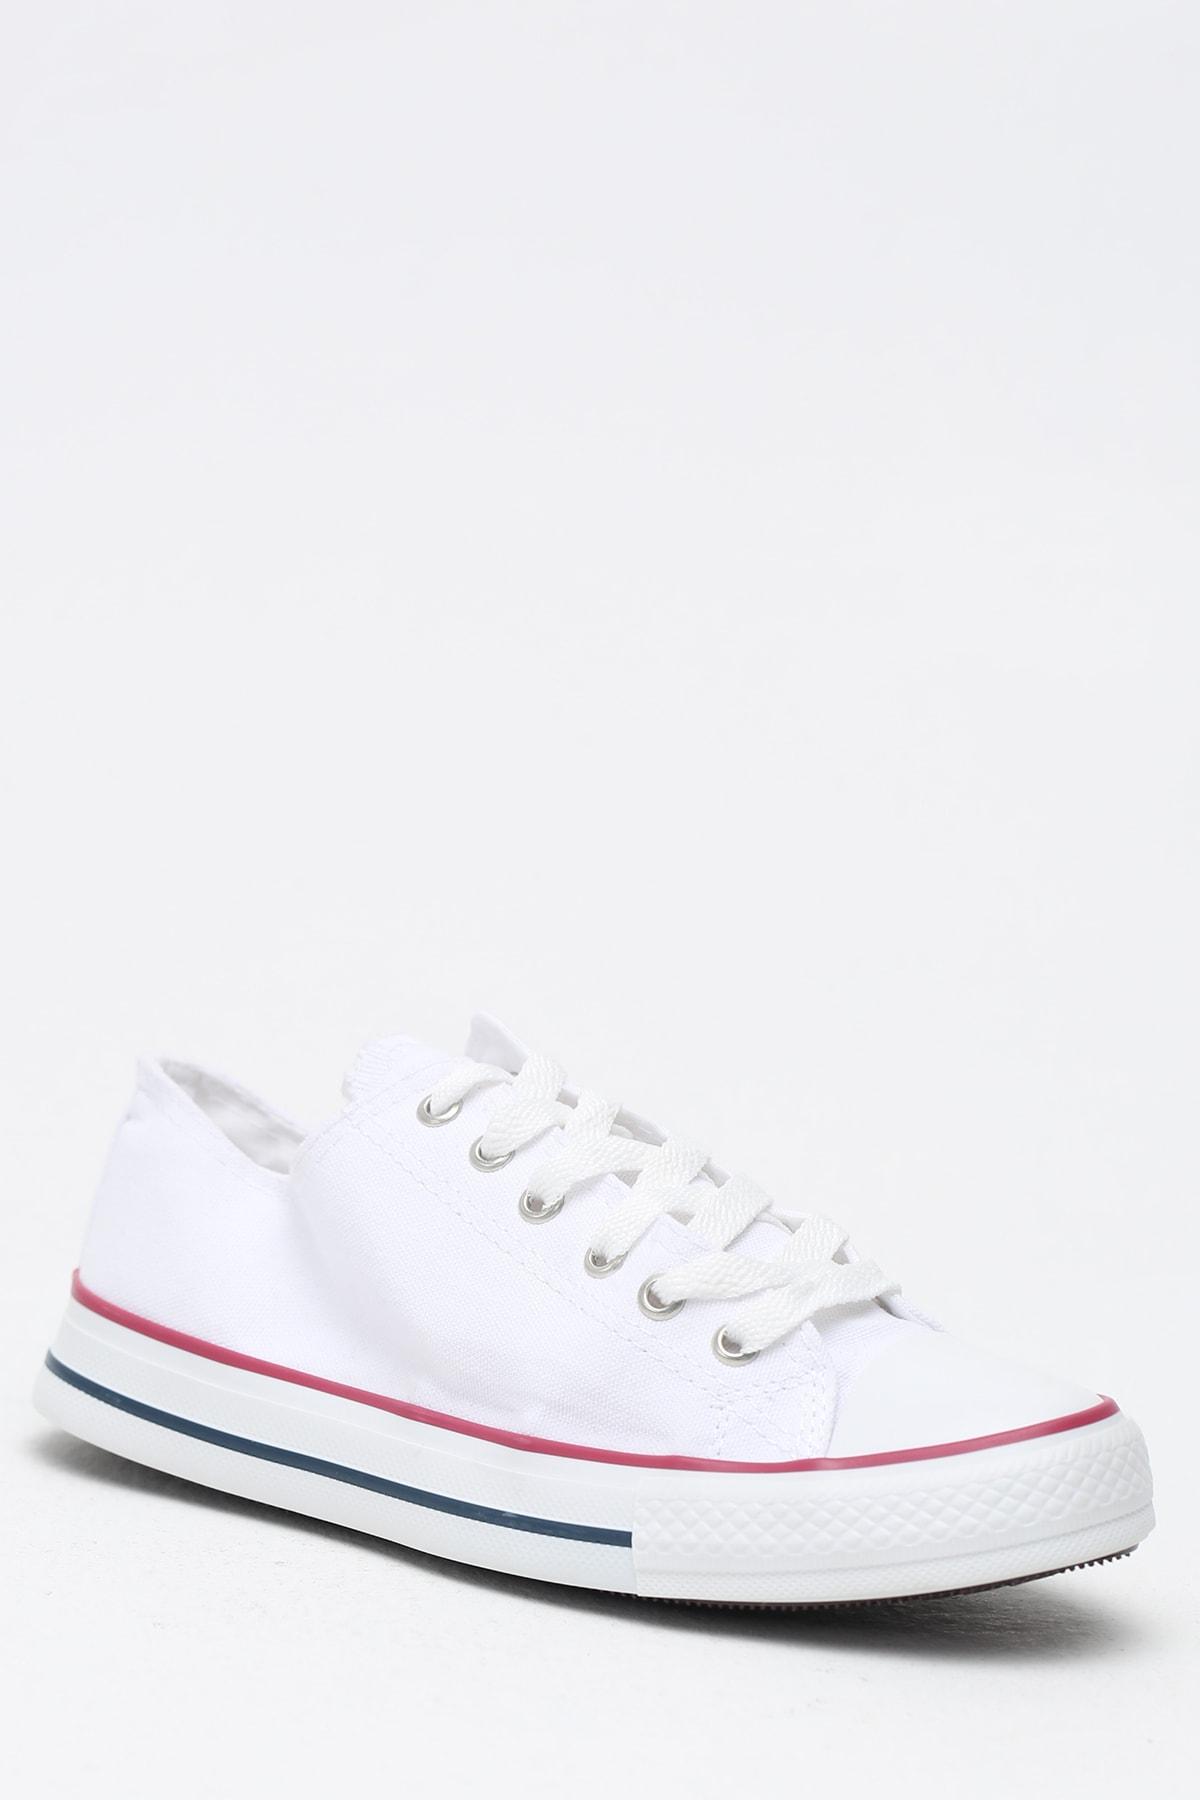 Ayakkabı Modası Beyaz Kırmızı Kadın Ayakkabı M9999-19-100165R 2